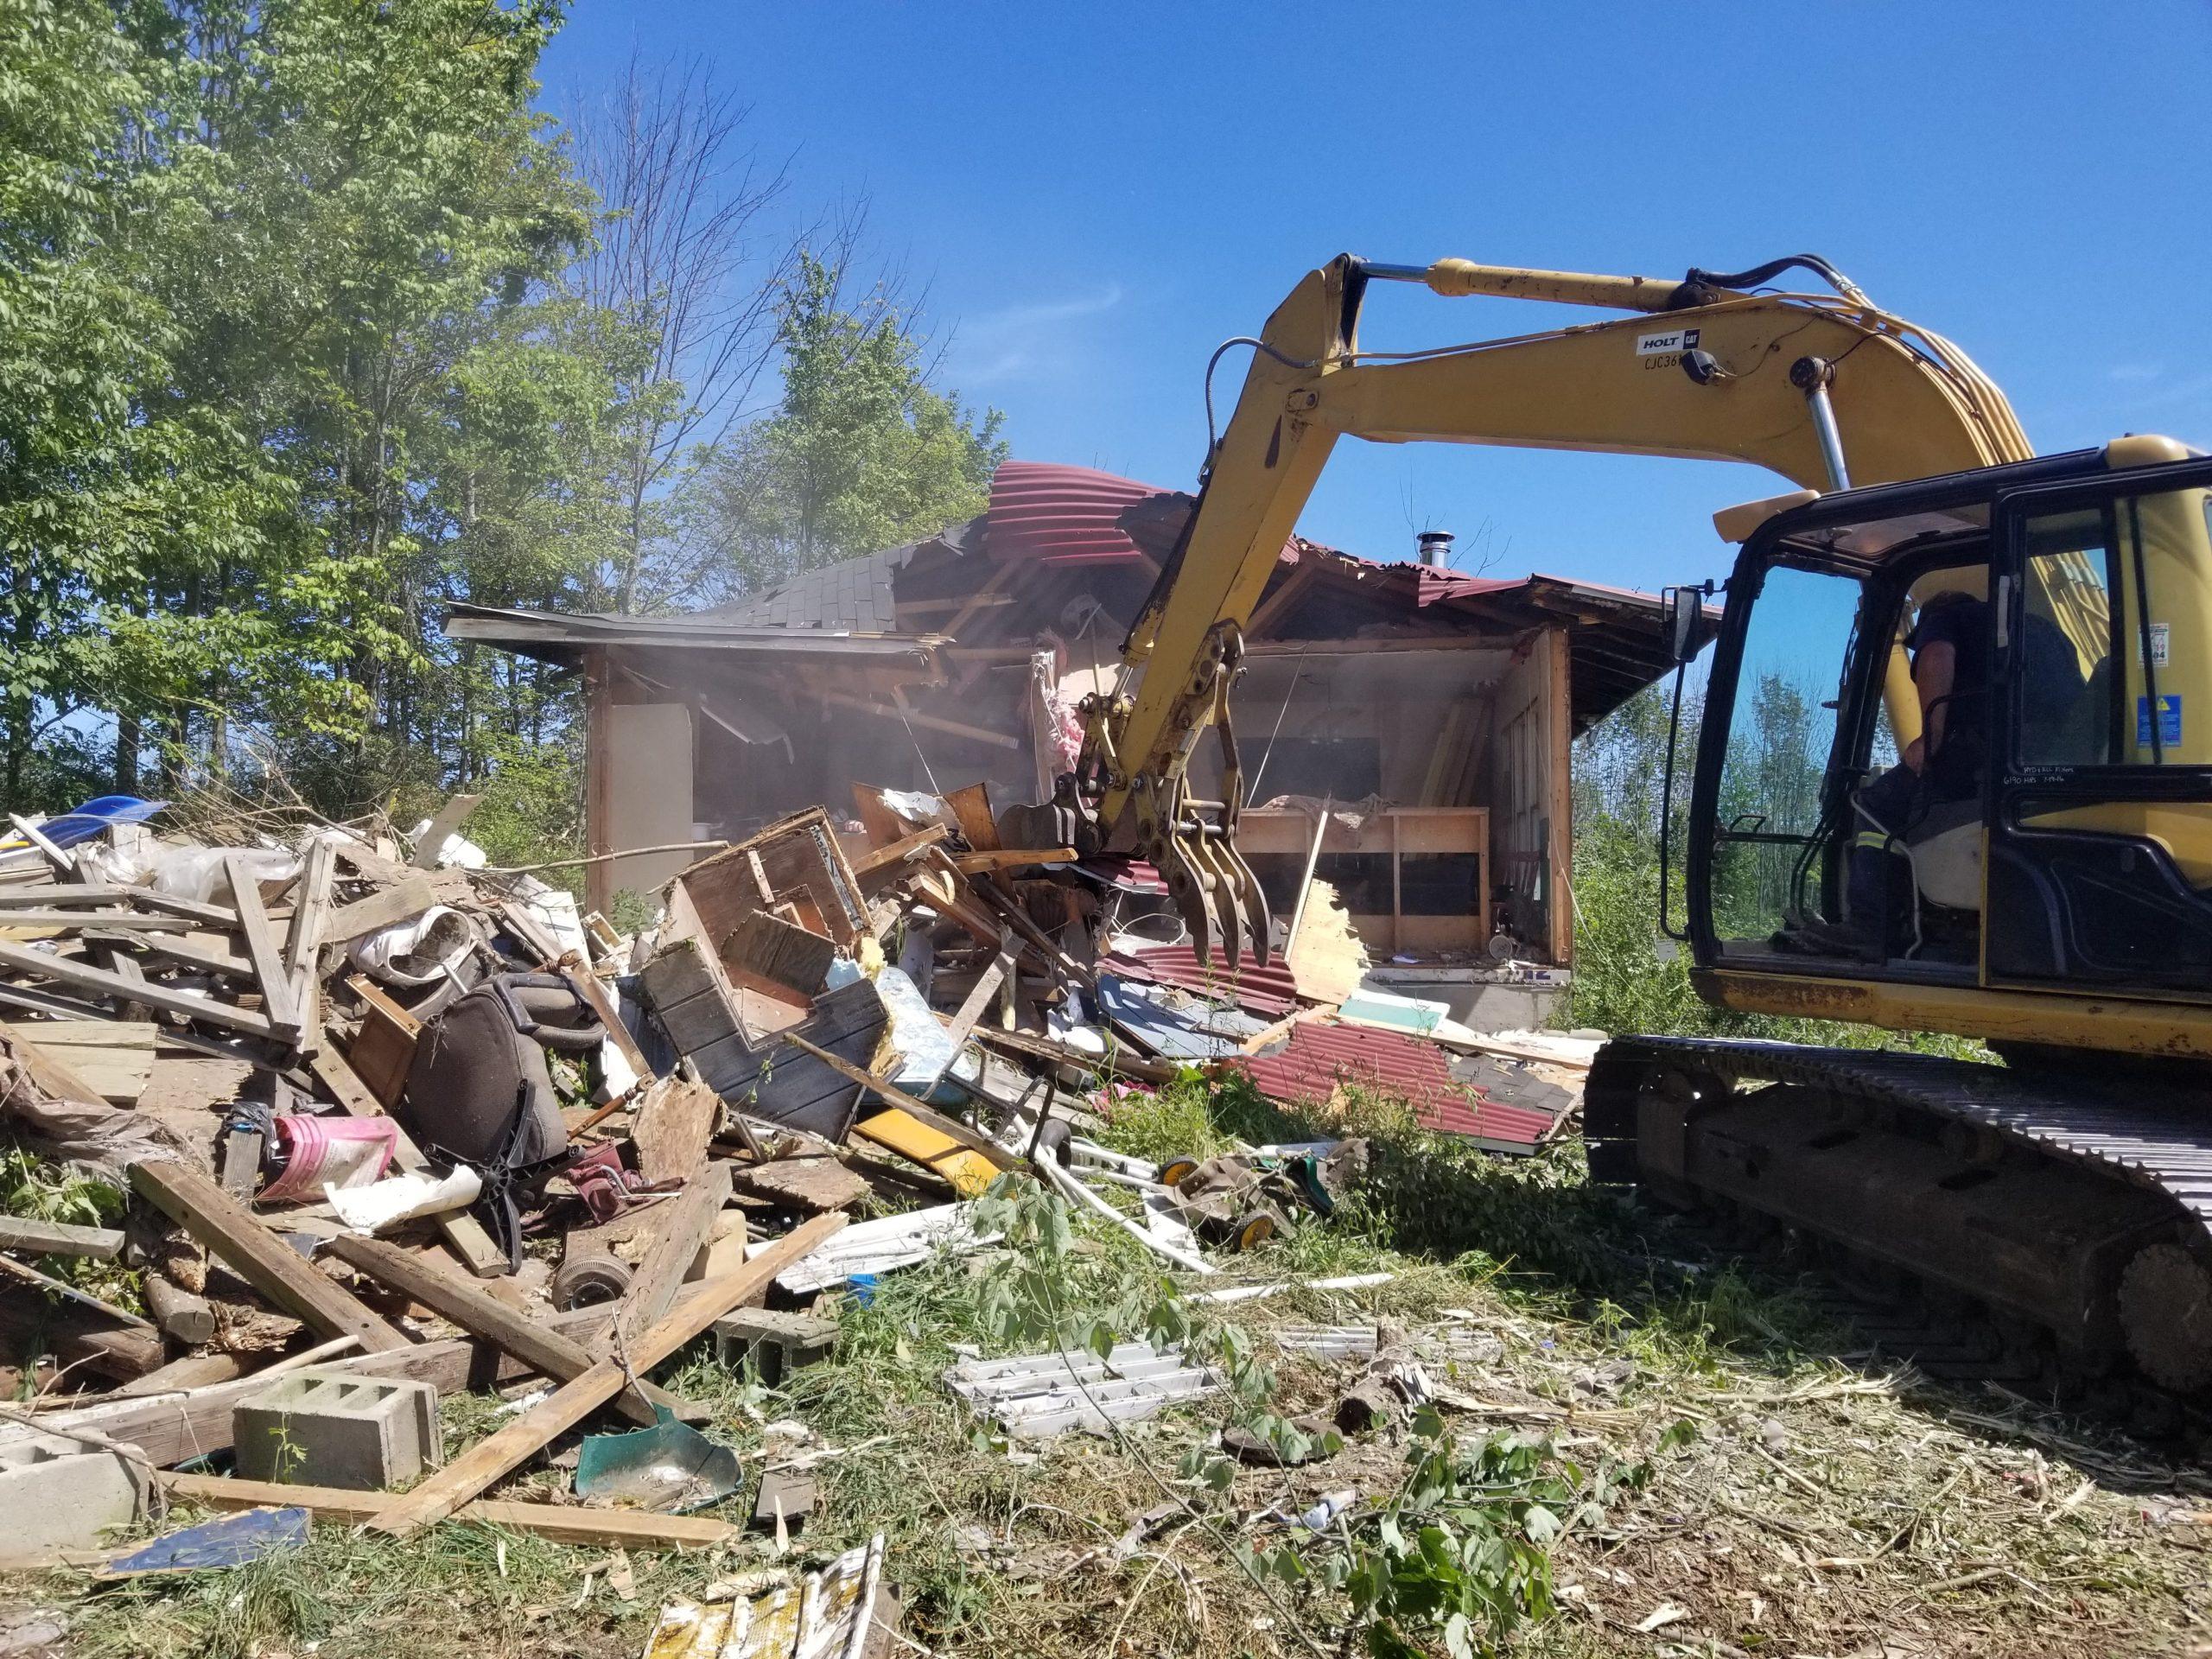 demolition contractor in Scranton, PA